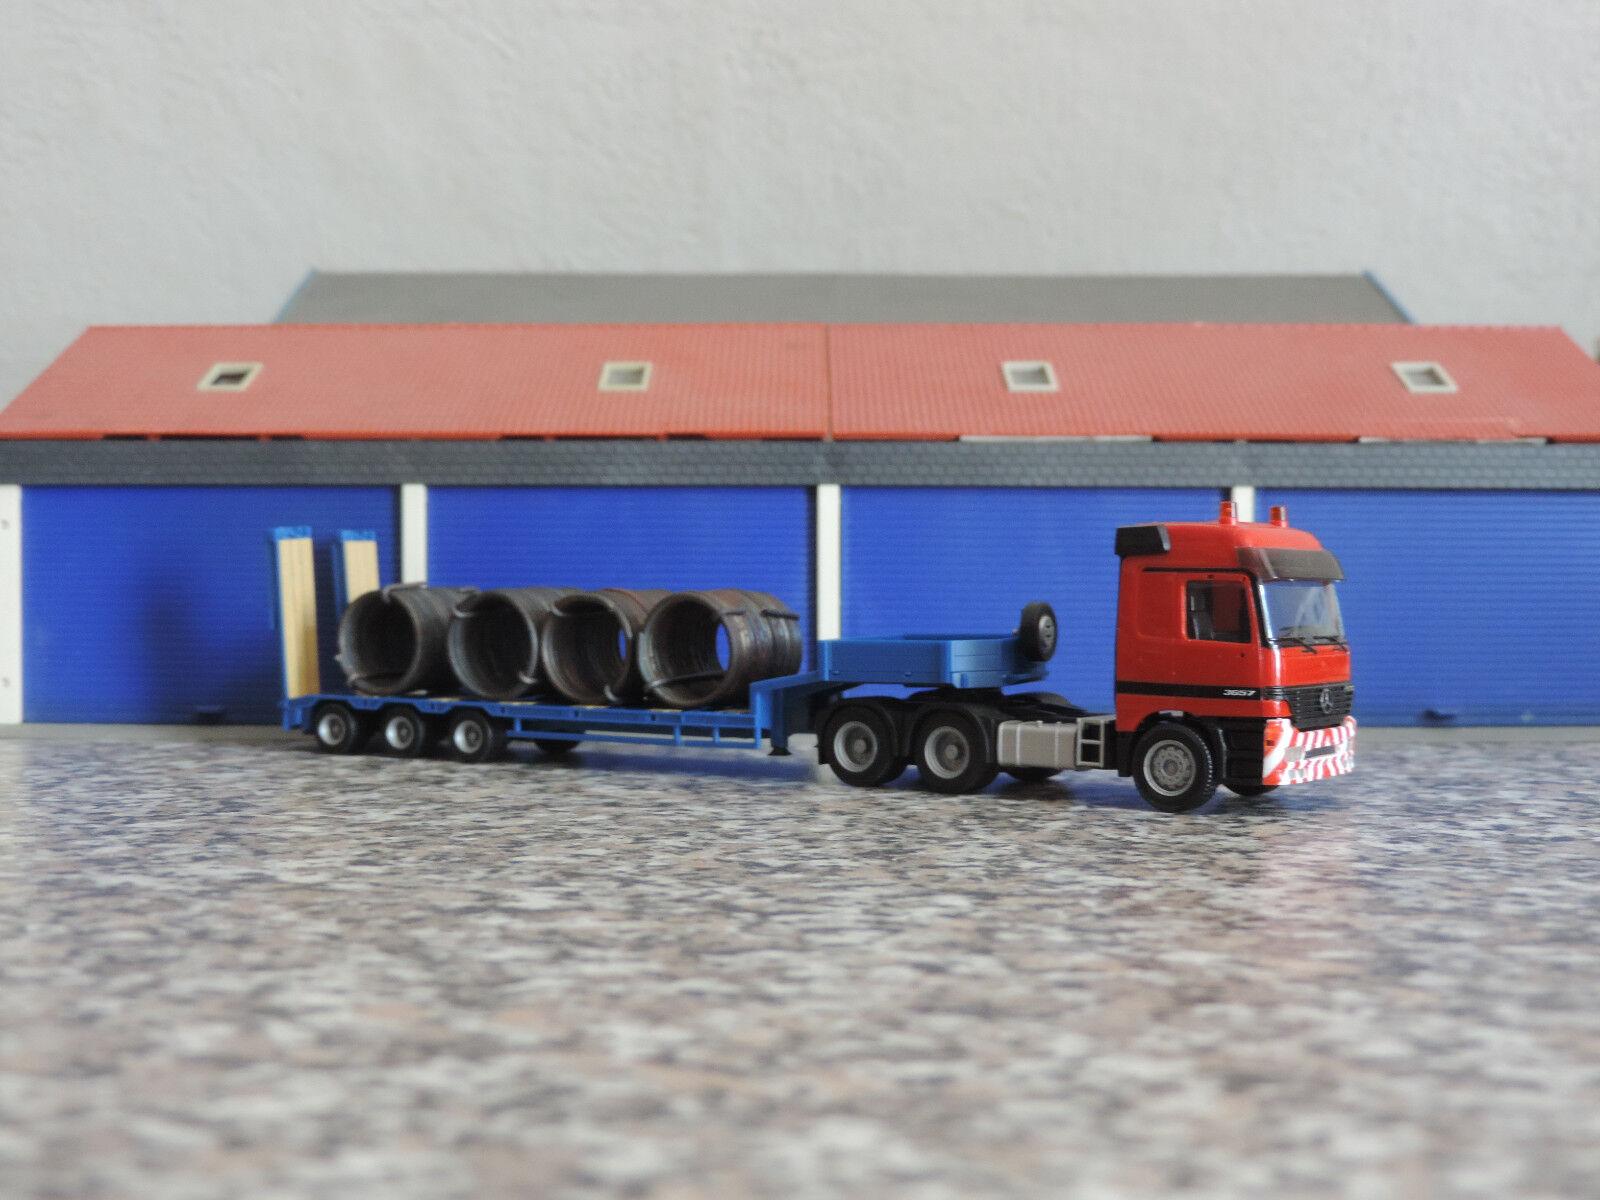 Herpa 1 87 - MB Actros MP 1 L 6-achs Semitiefladersattelzug -  rot-blau   | Adoptieren